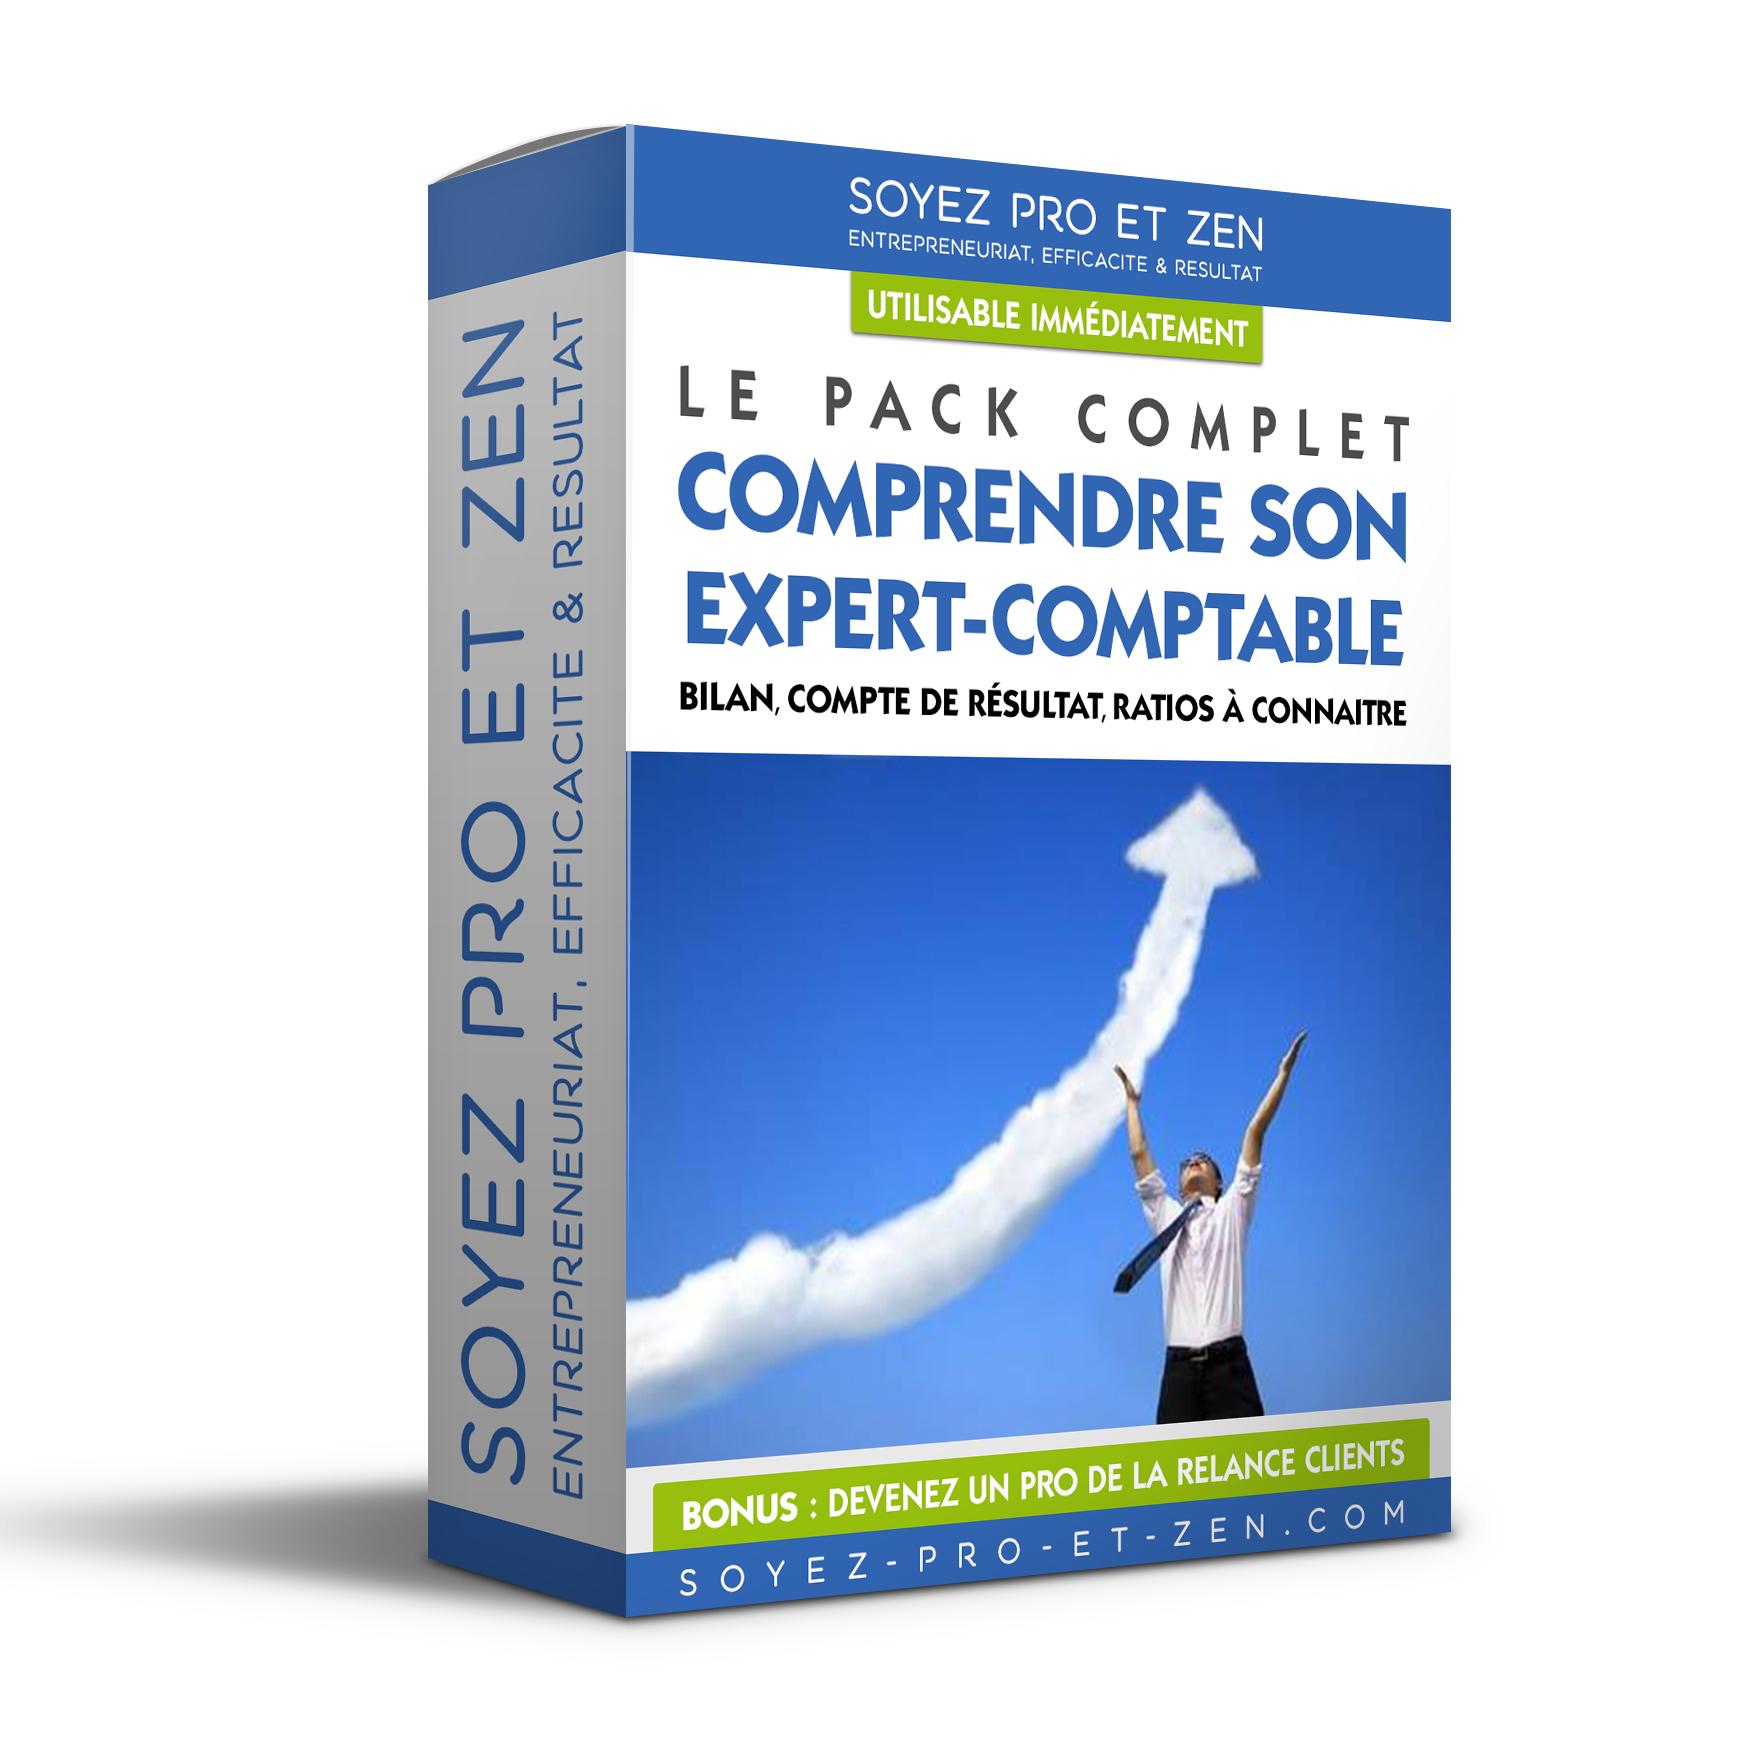 Creation Packaging de Boite Conseil Expert Comptable - Soyez-Pro-et-Zen - Coaching Entreprise